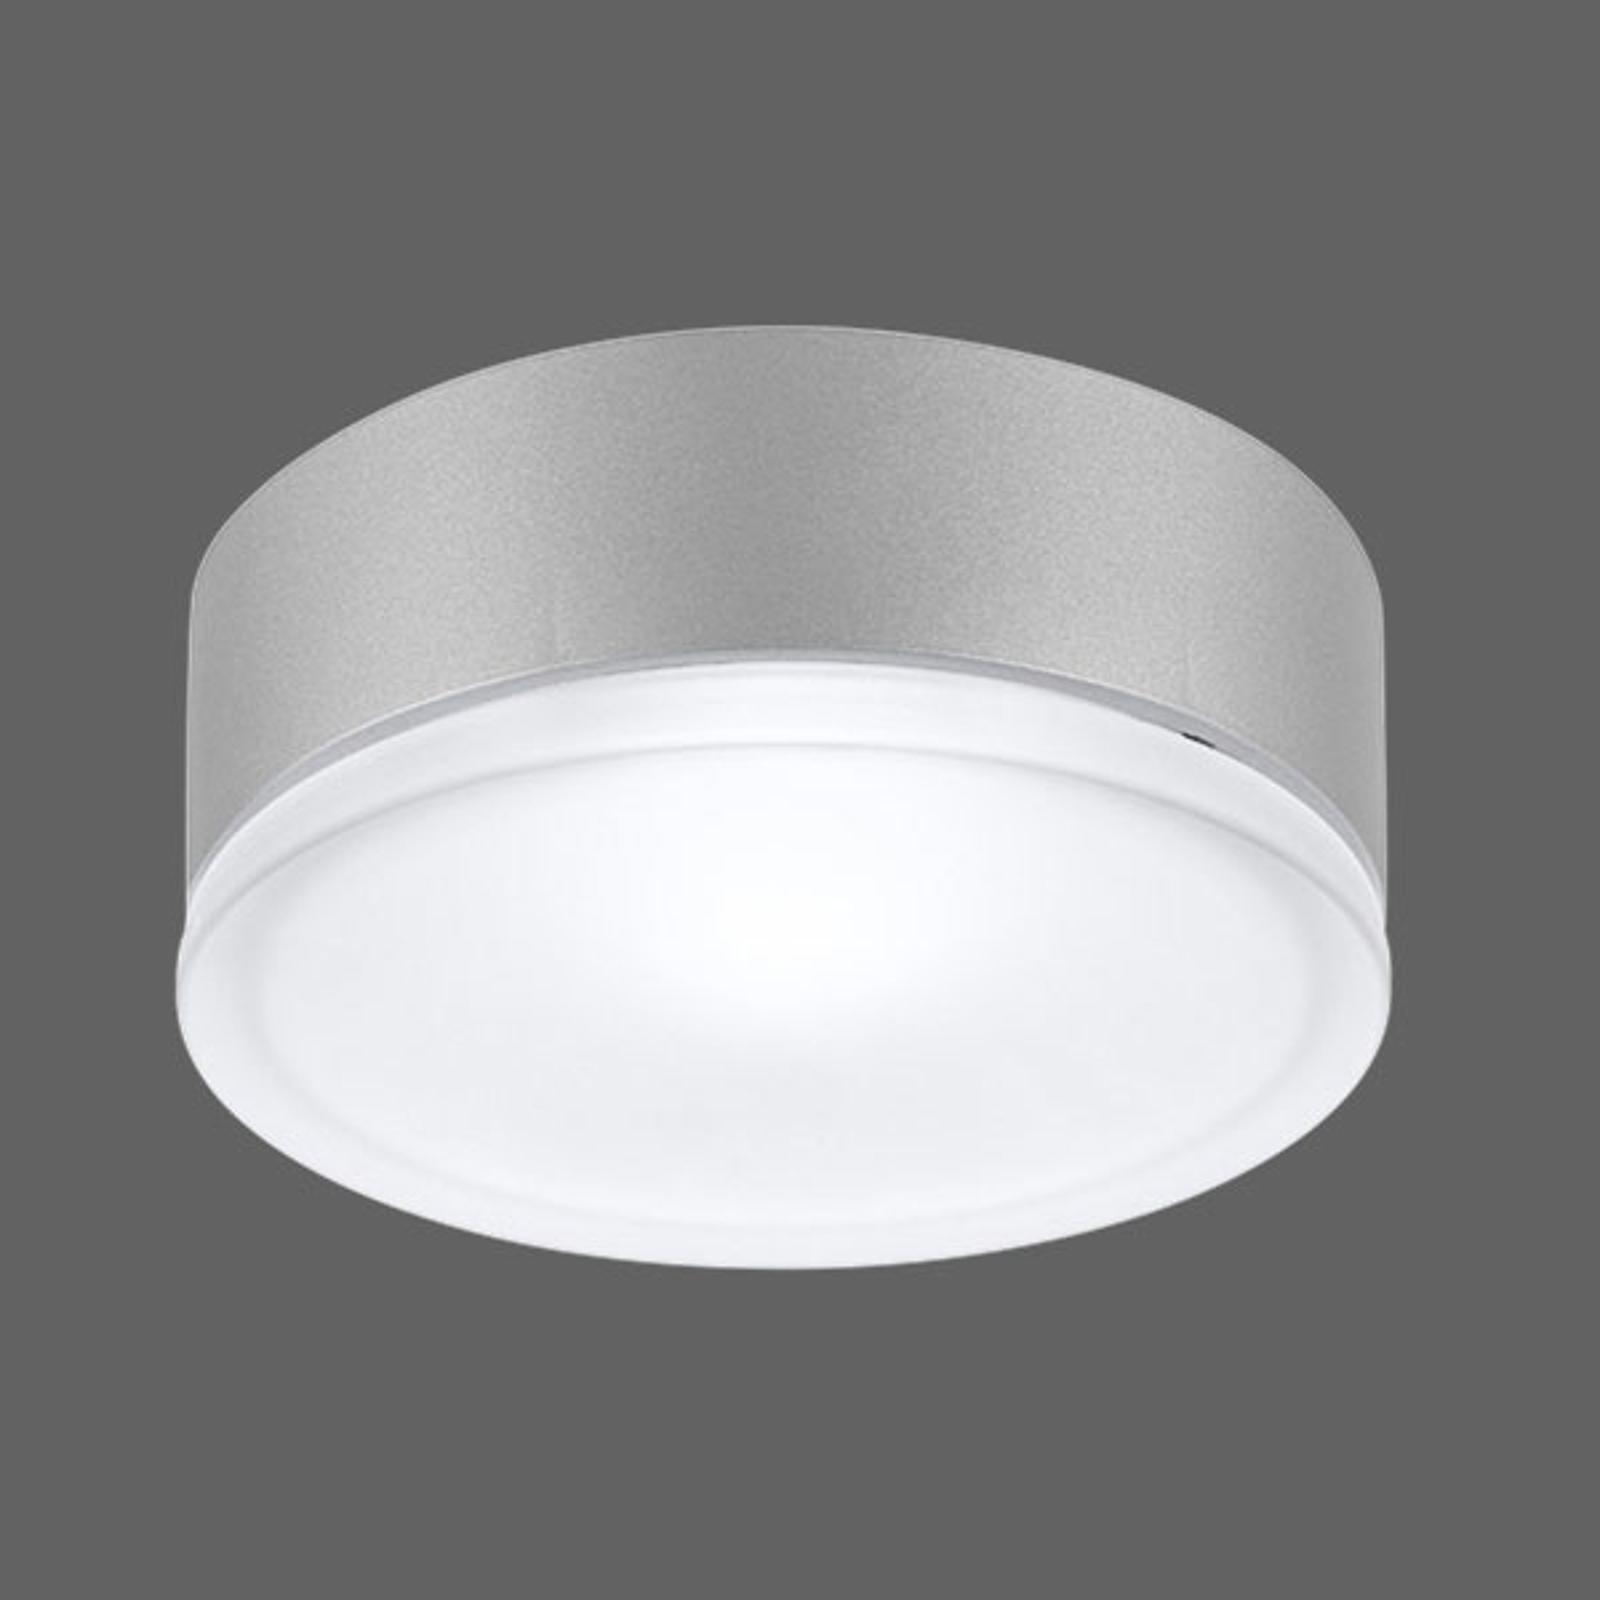 Drop 28 utendørs LED-vegglampe i grå 3000K